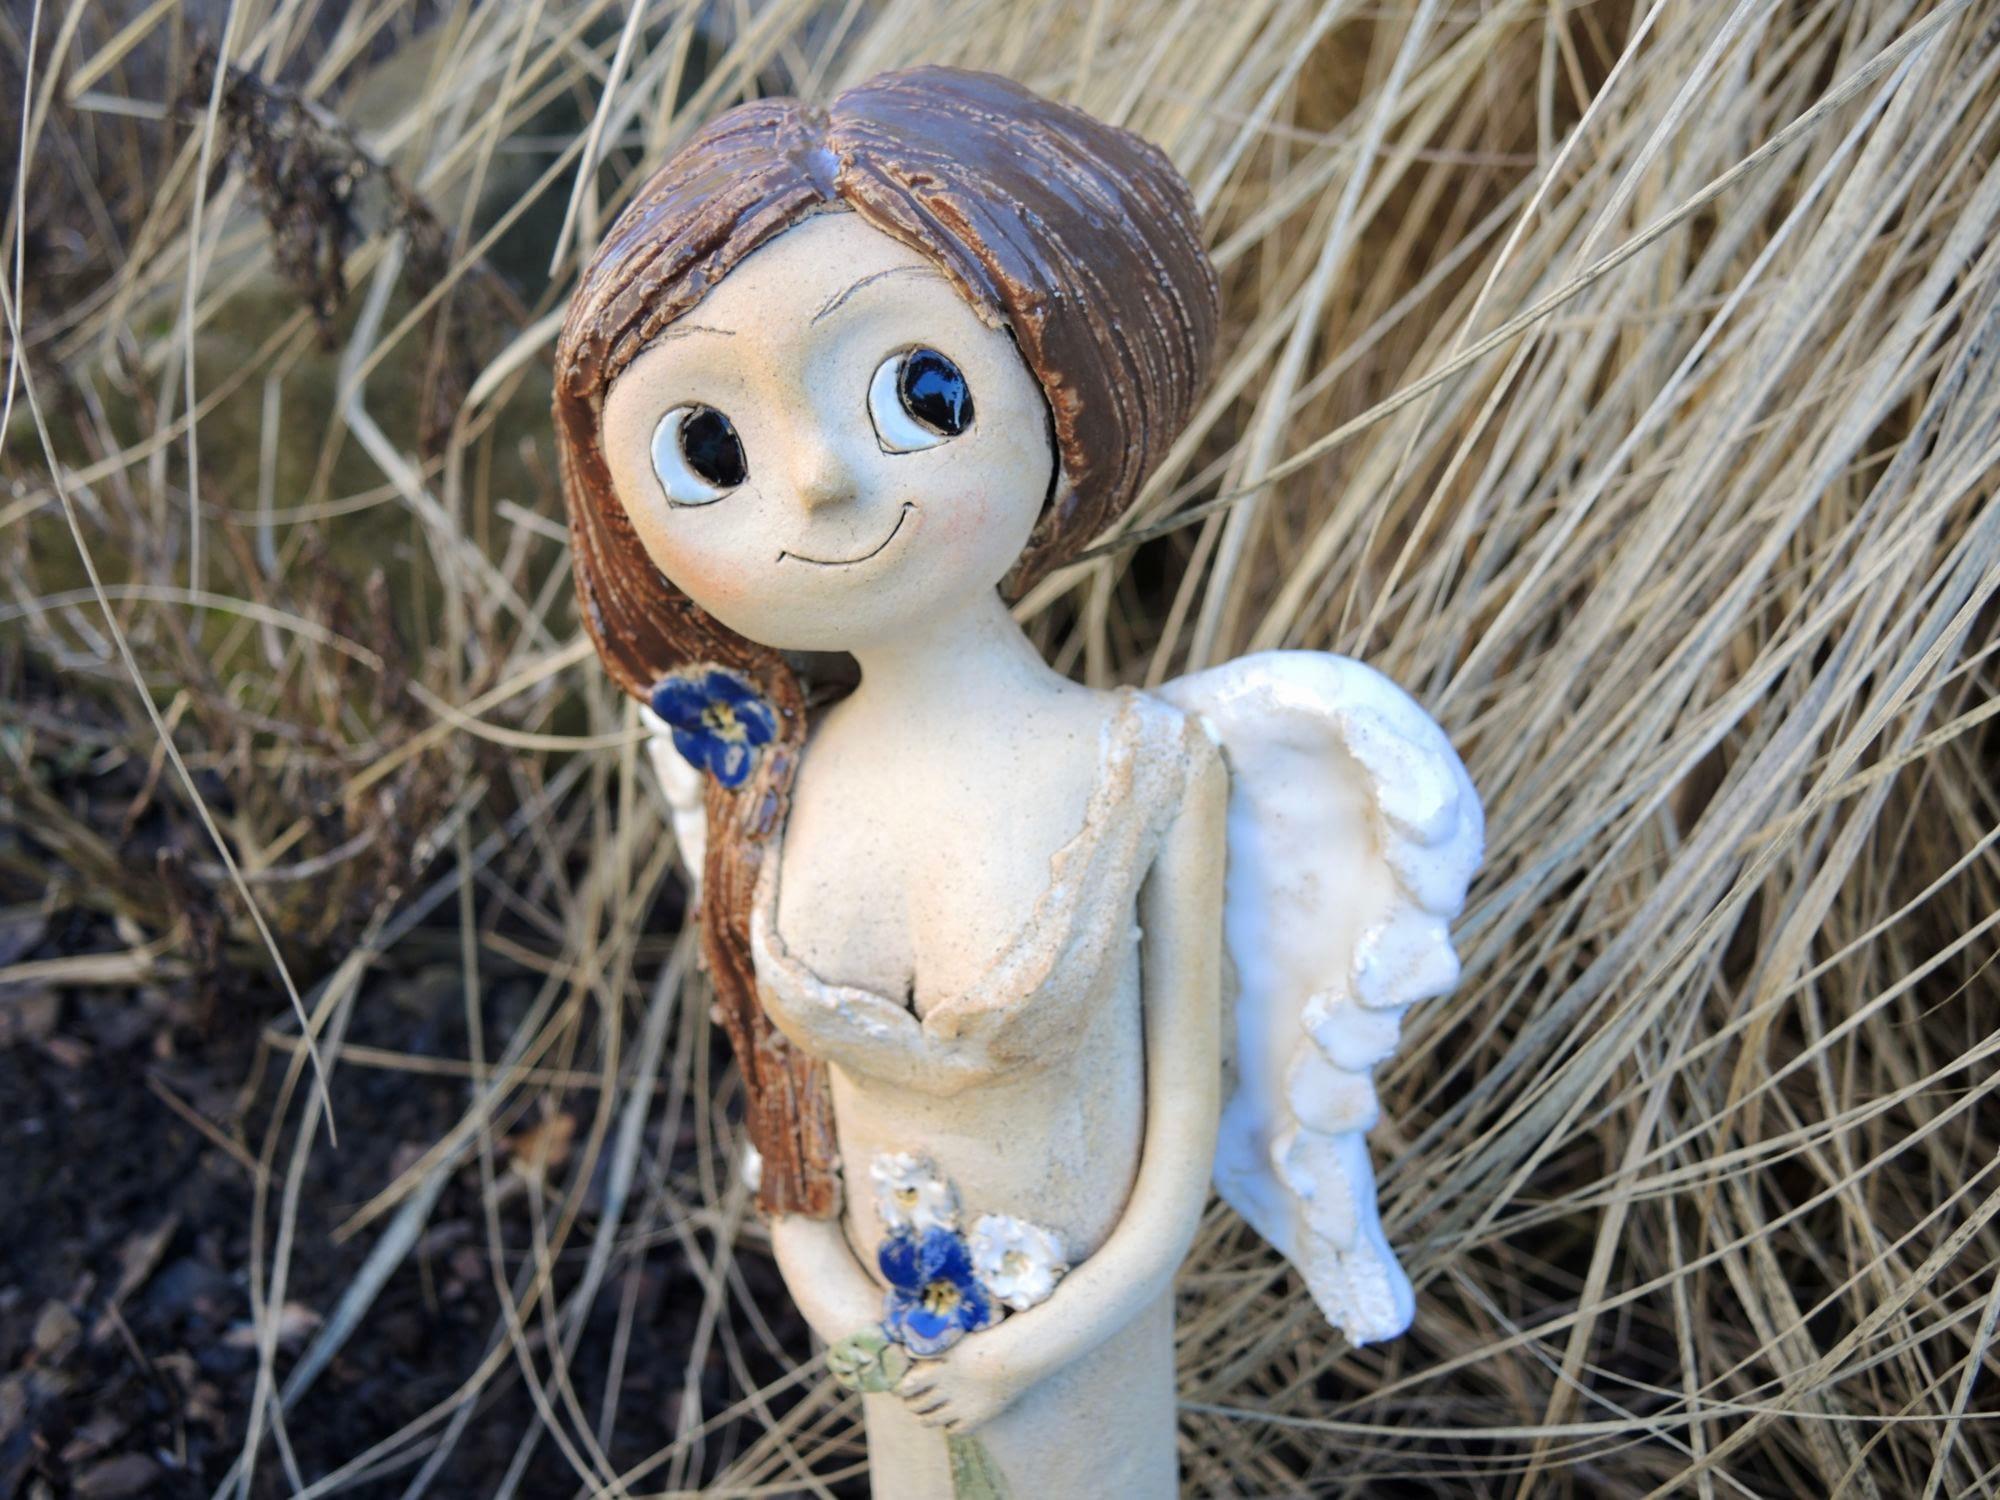 anděl andělka jasmín věneček křídla keramika figura keramikaandee